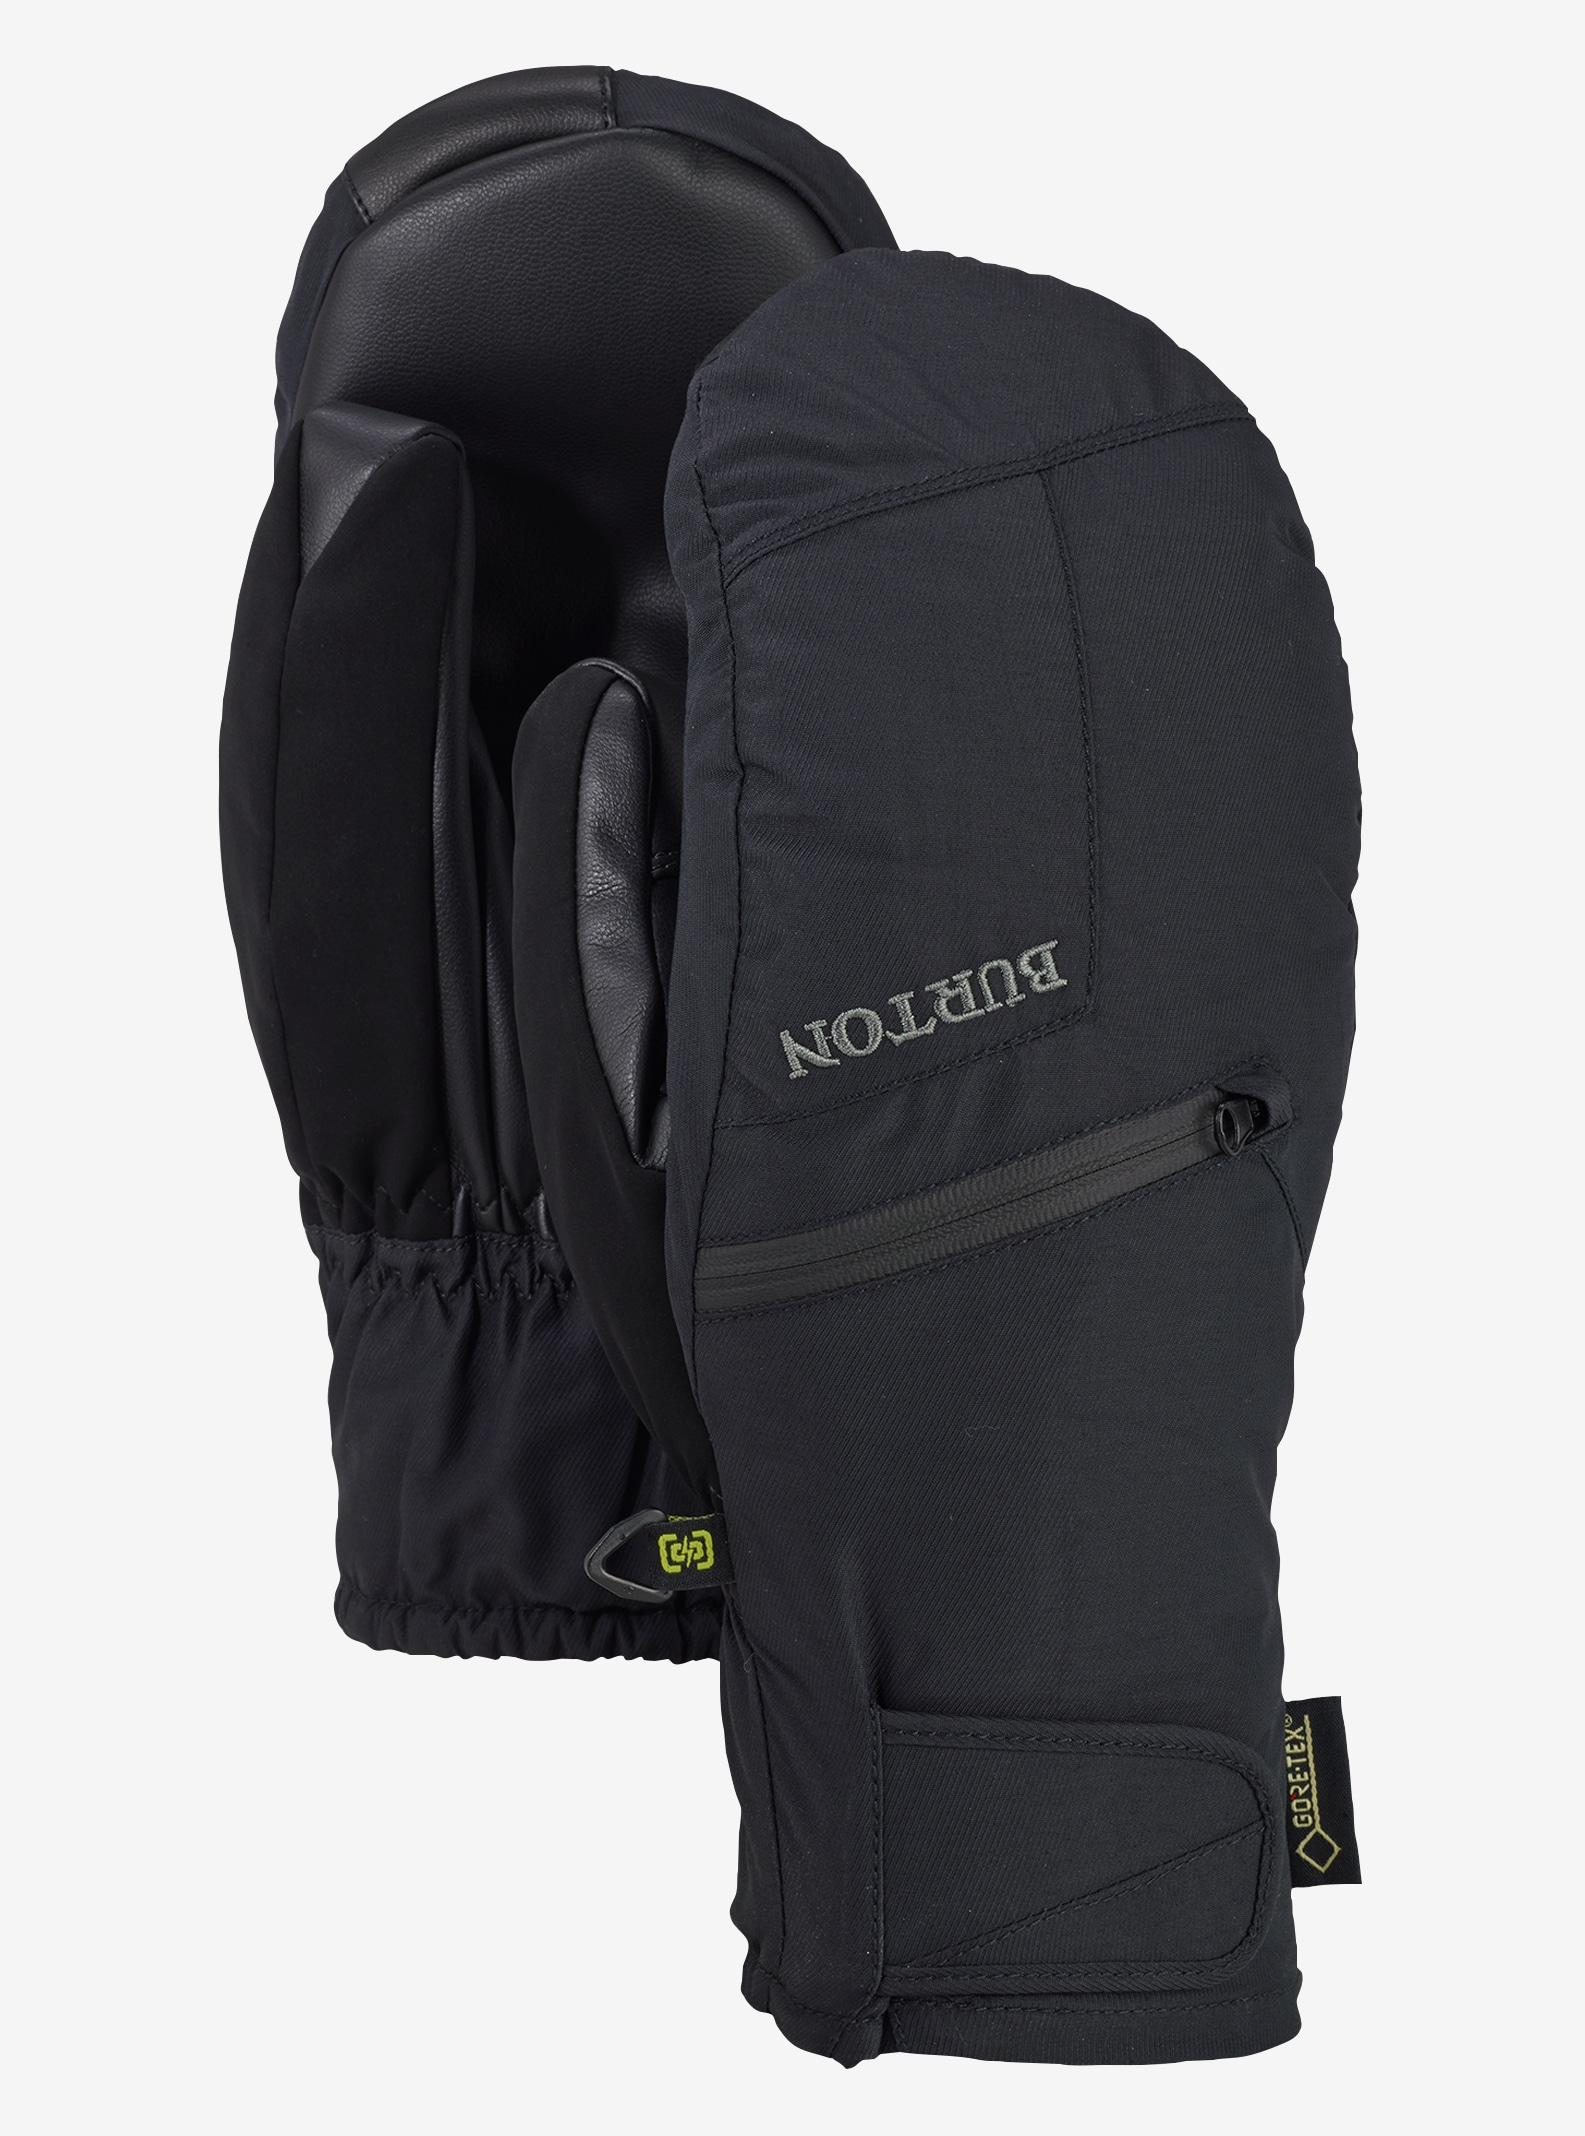 Burton - Moufles GORE-TEX® avec doublure + technologie Gore Warm homme affichage en True Black